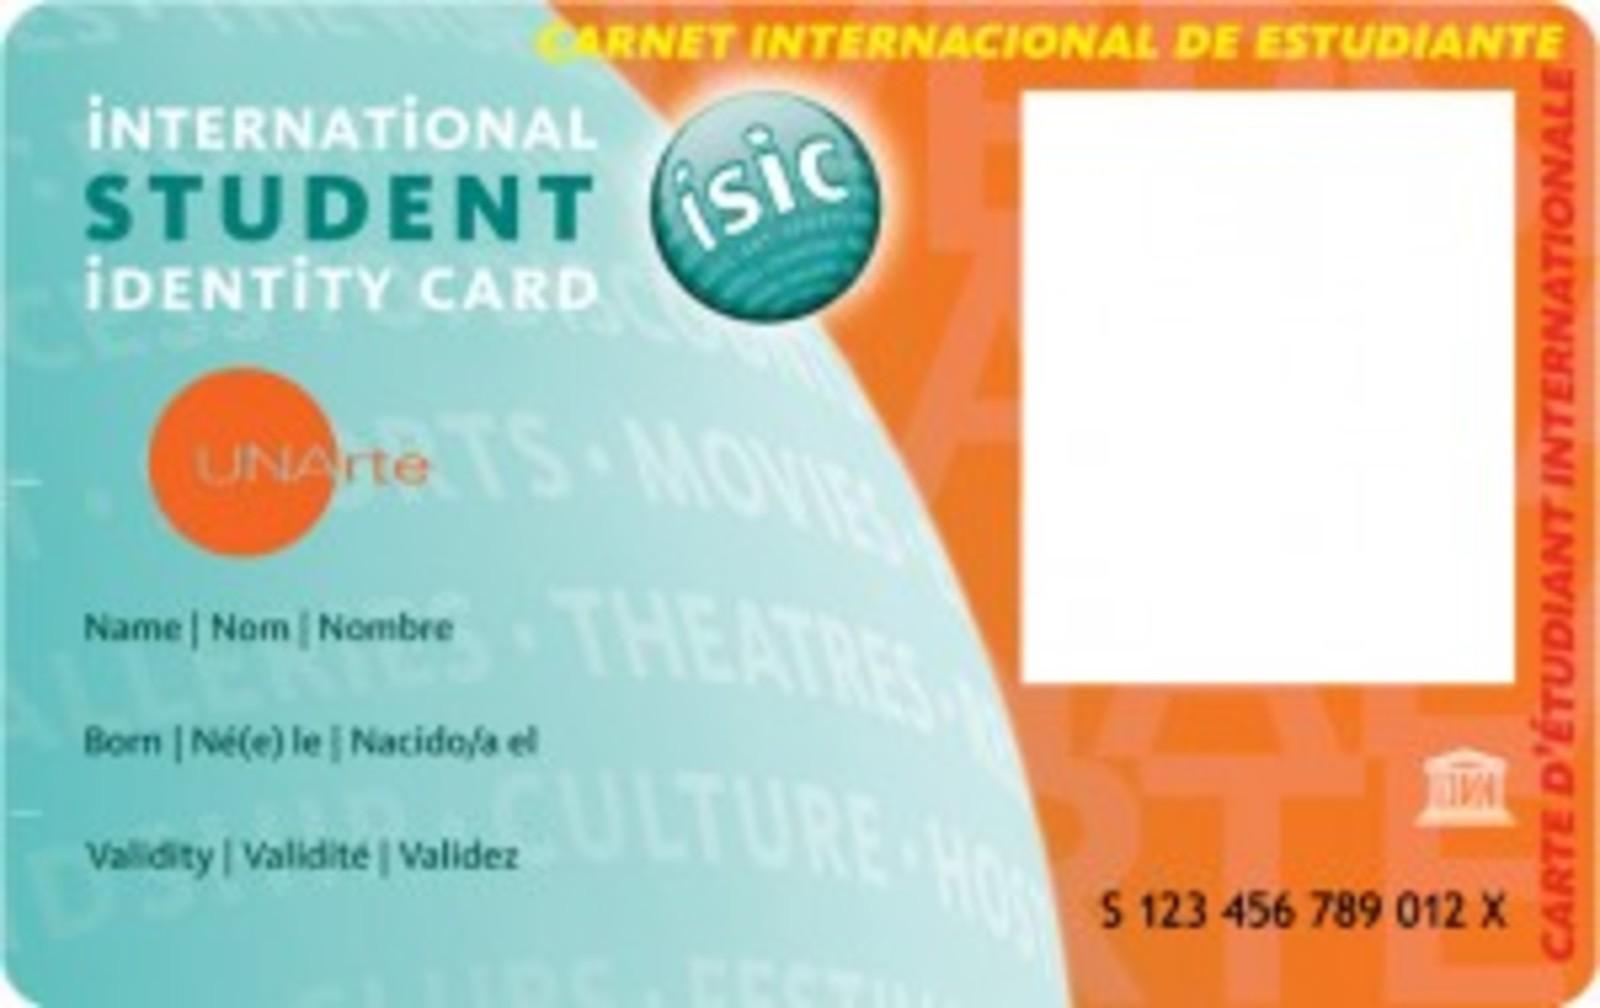 ISIC_UNArte.F12(050912)